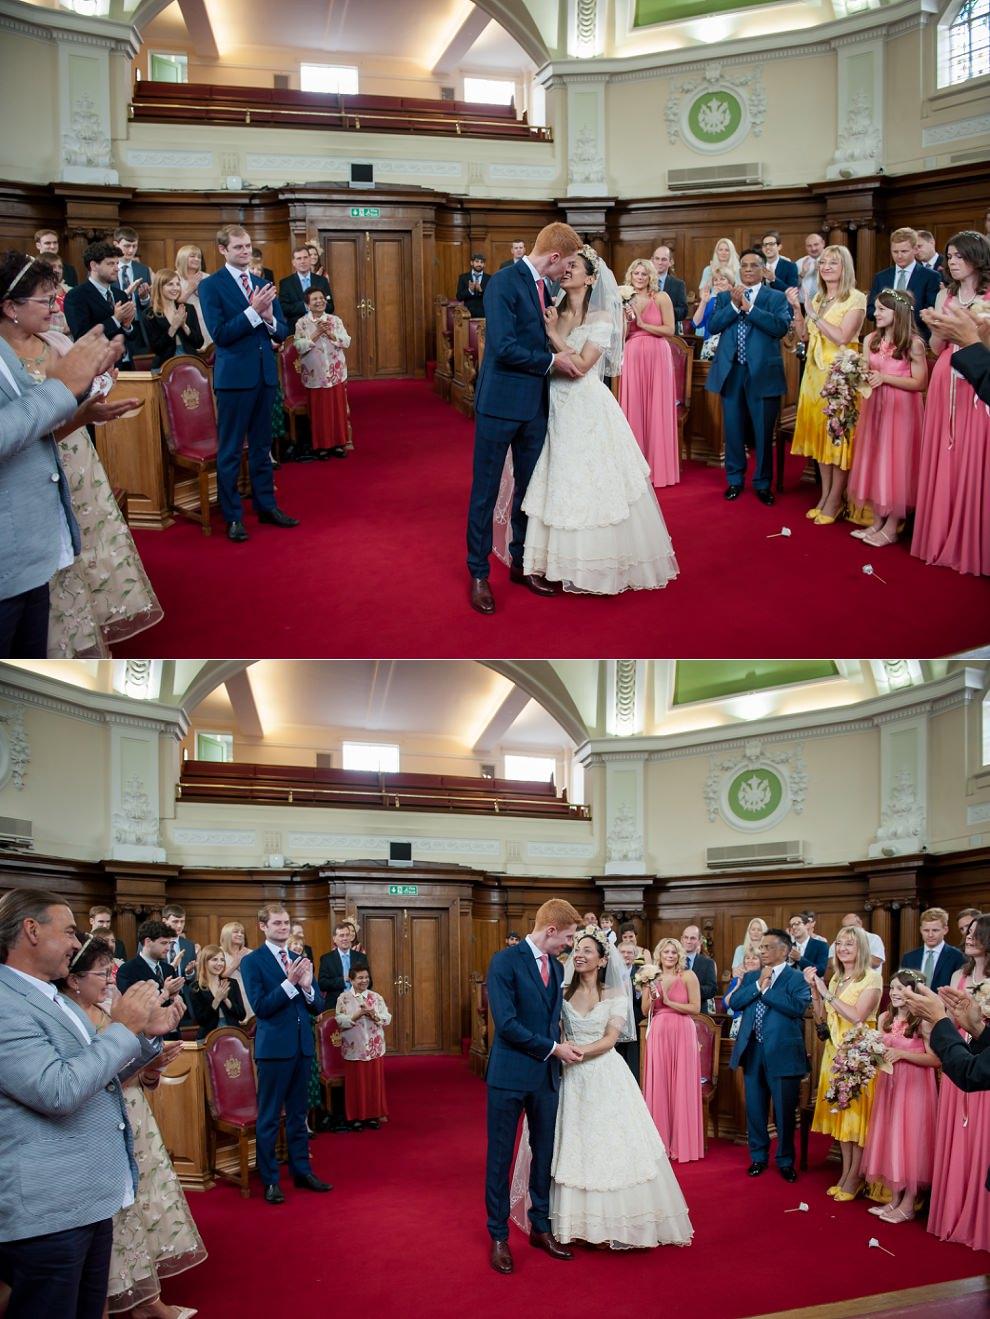 Islington-London-Wedding-Naomi-Euan-54